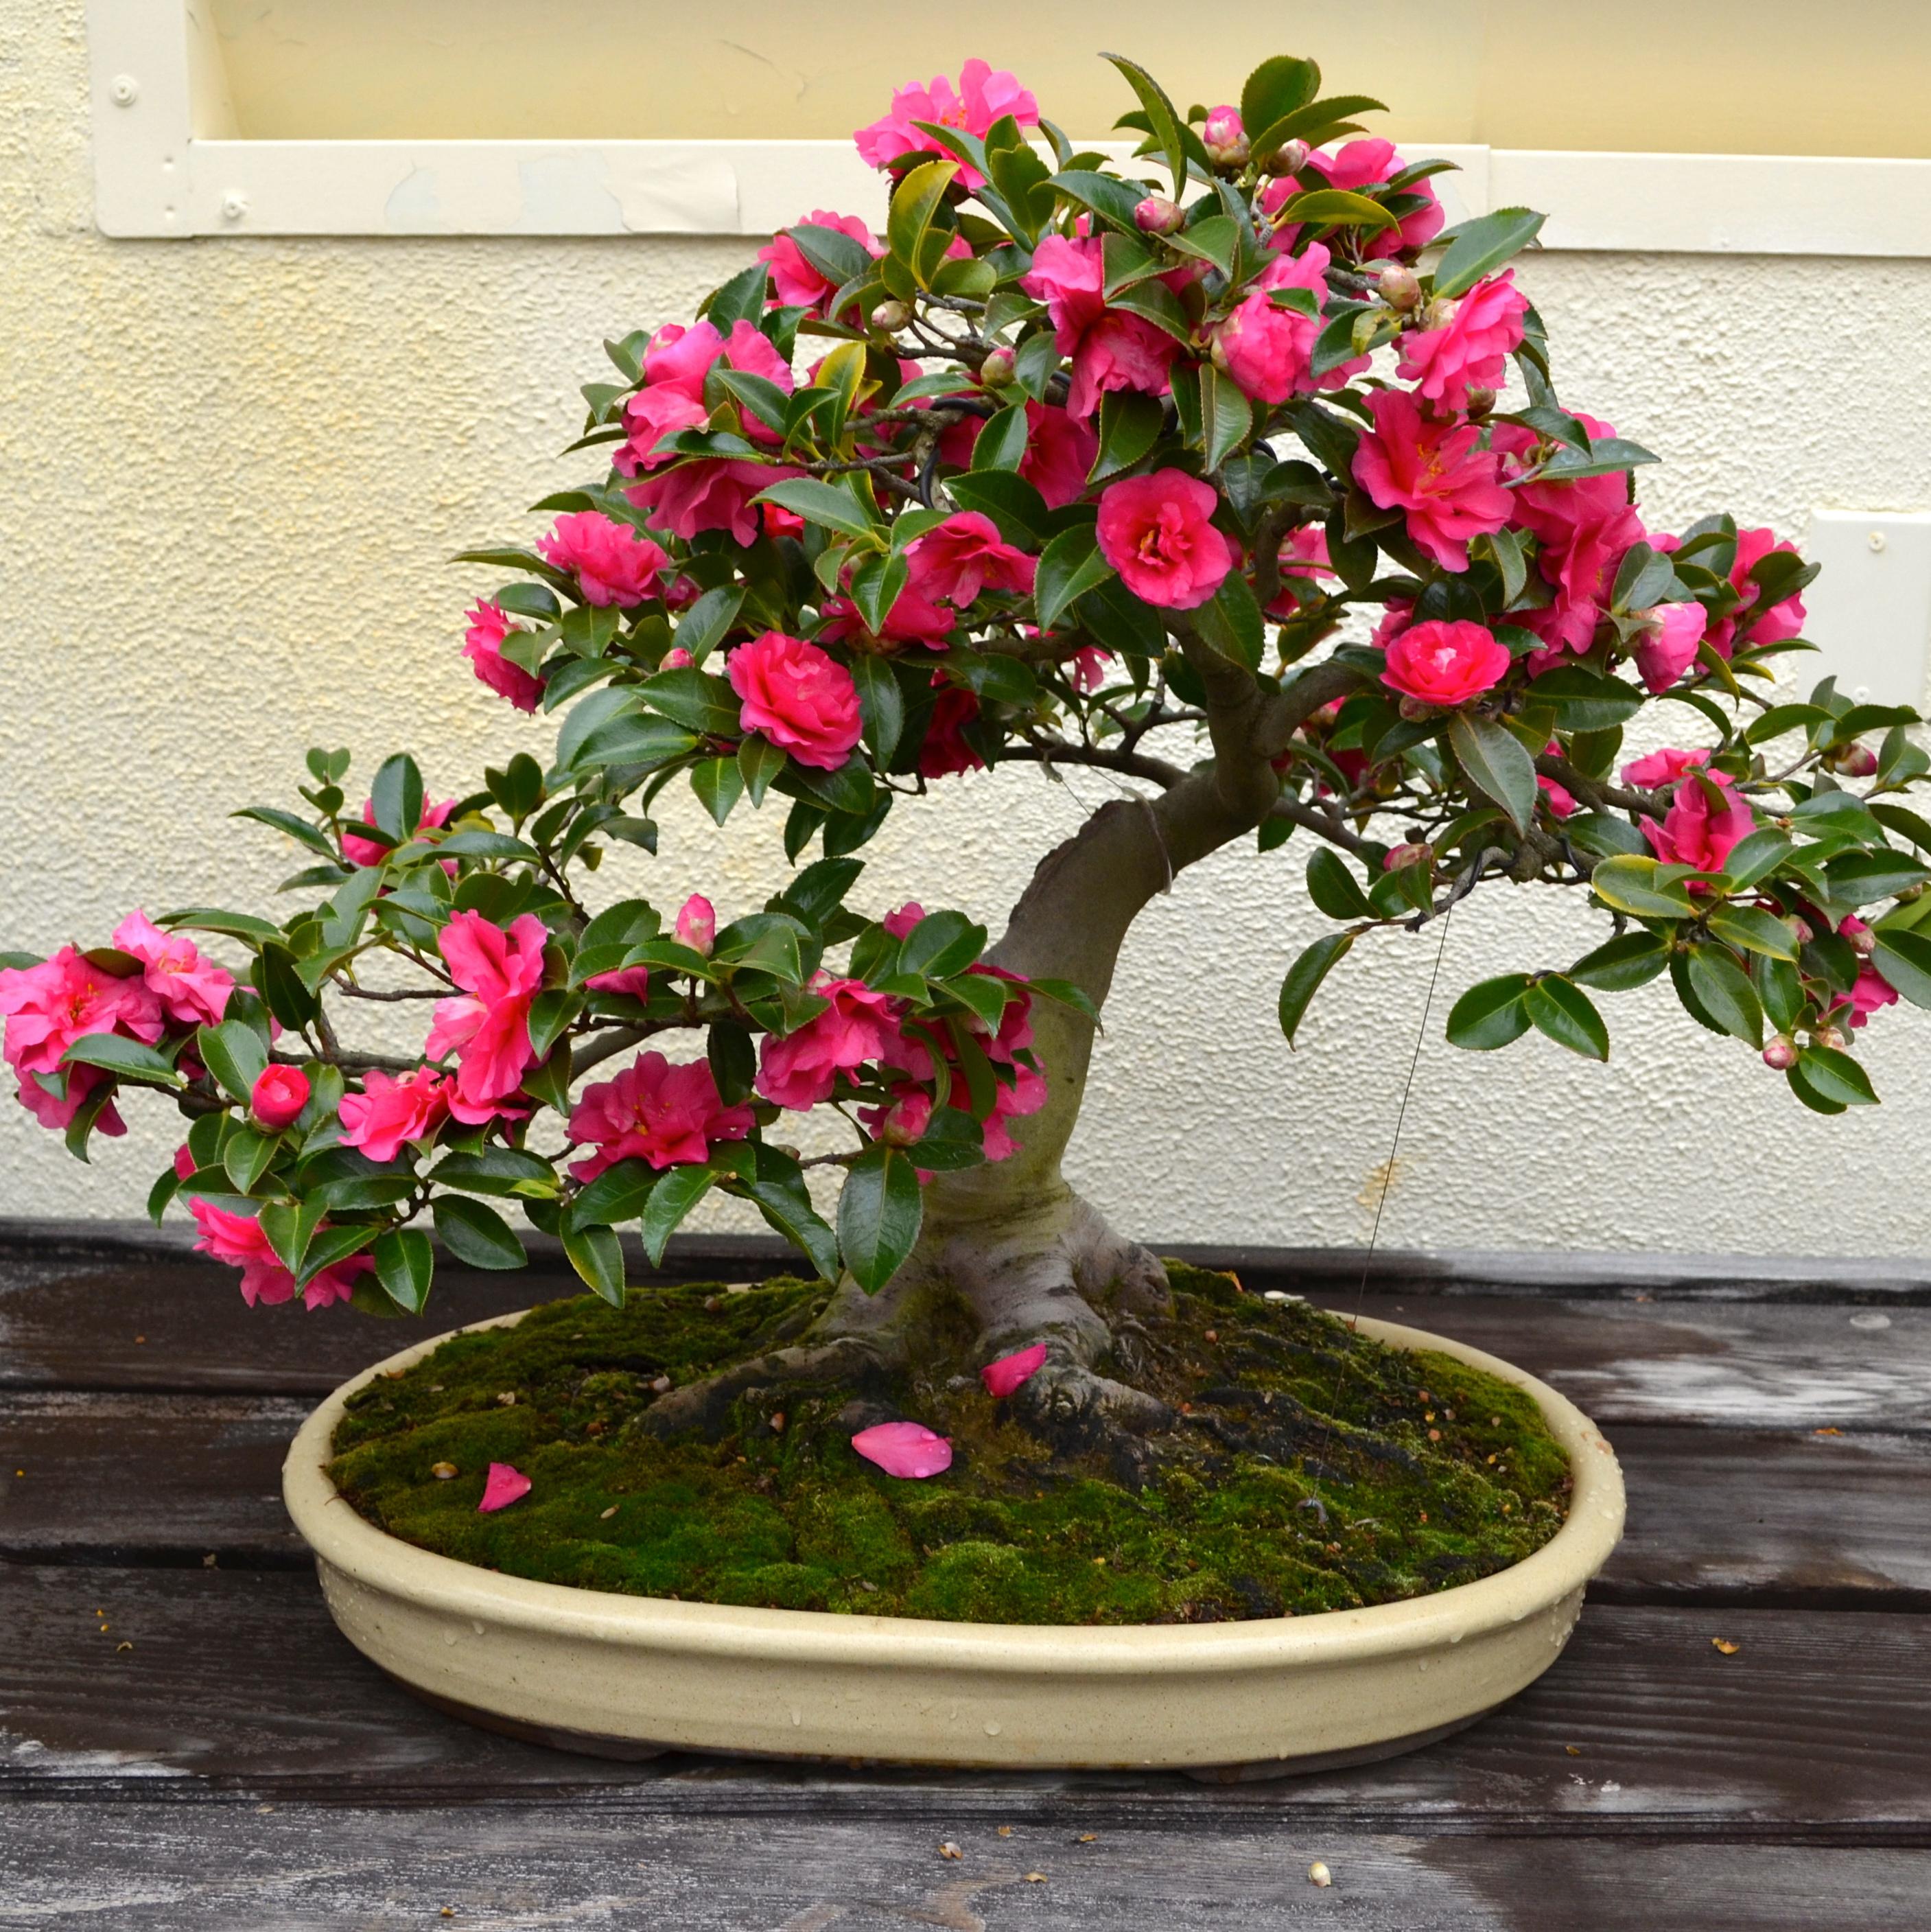 Negozio bonsai semi di camelia sasanqua - Camelia giapponese ...